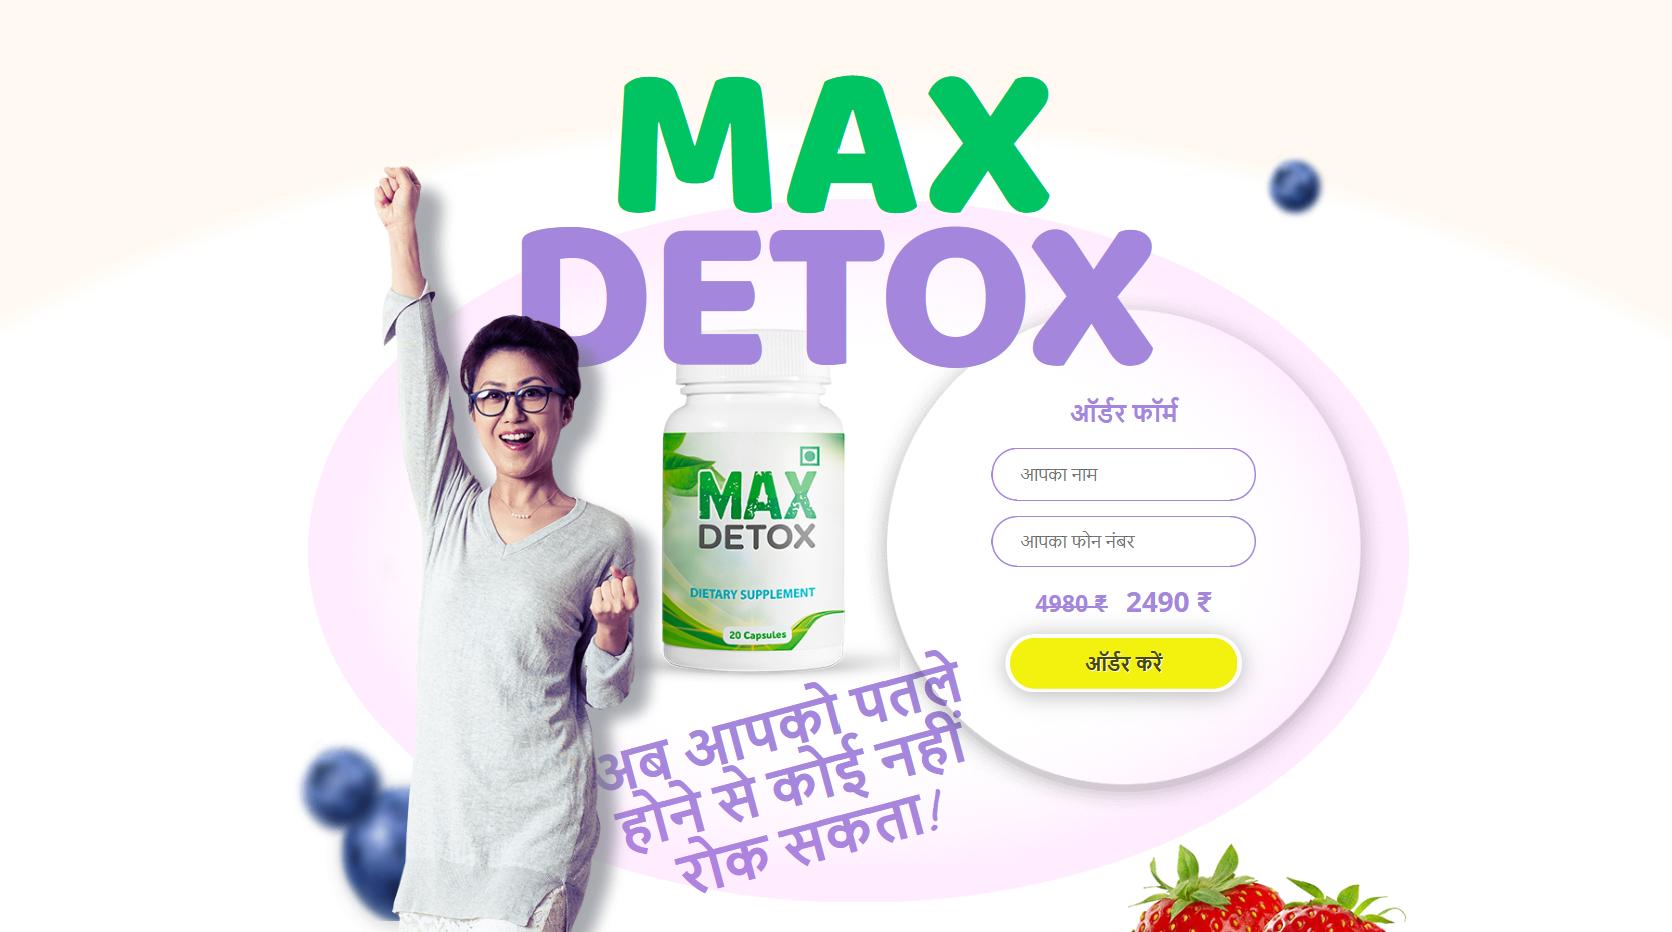 Maxdetox